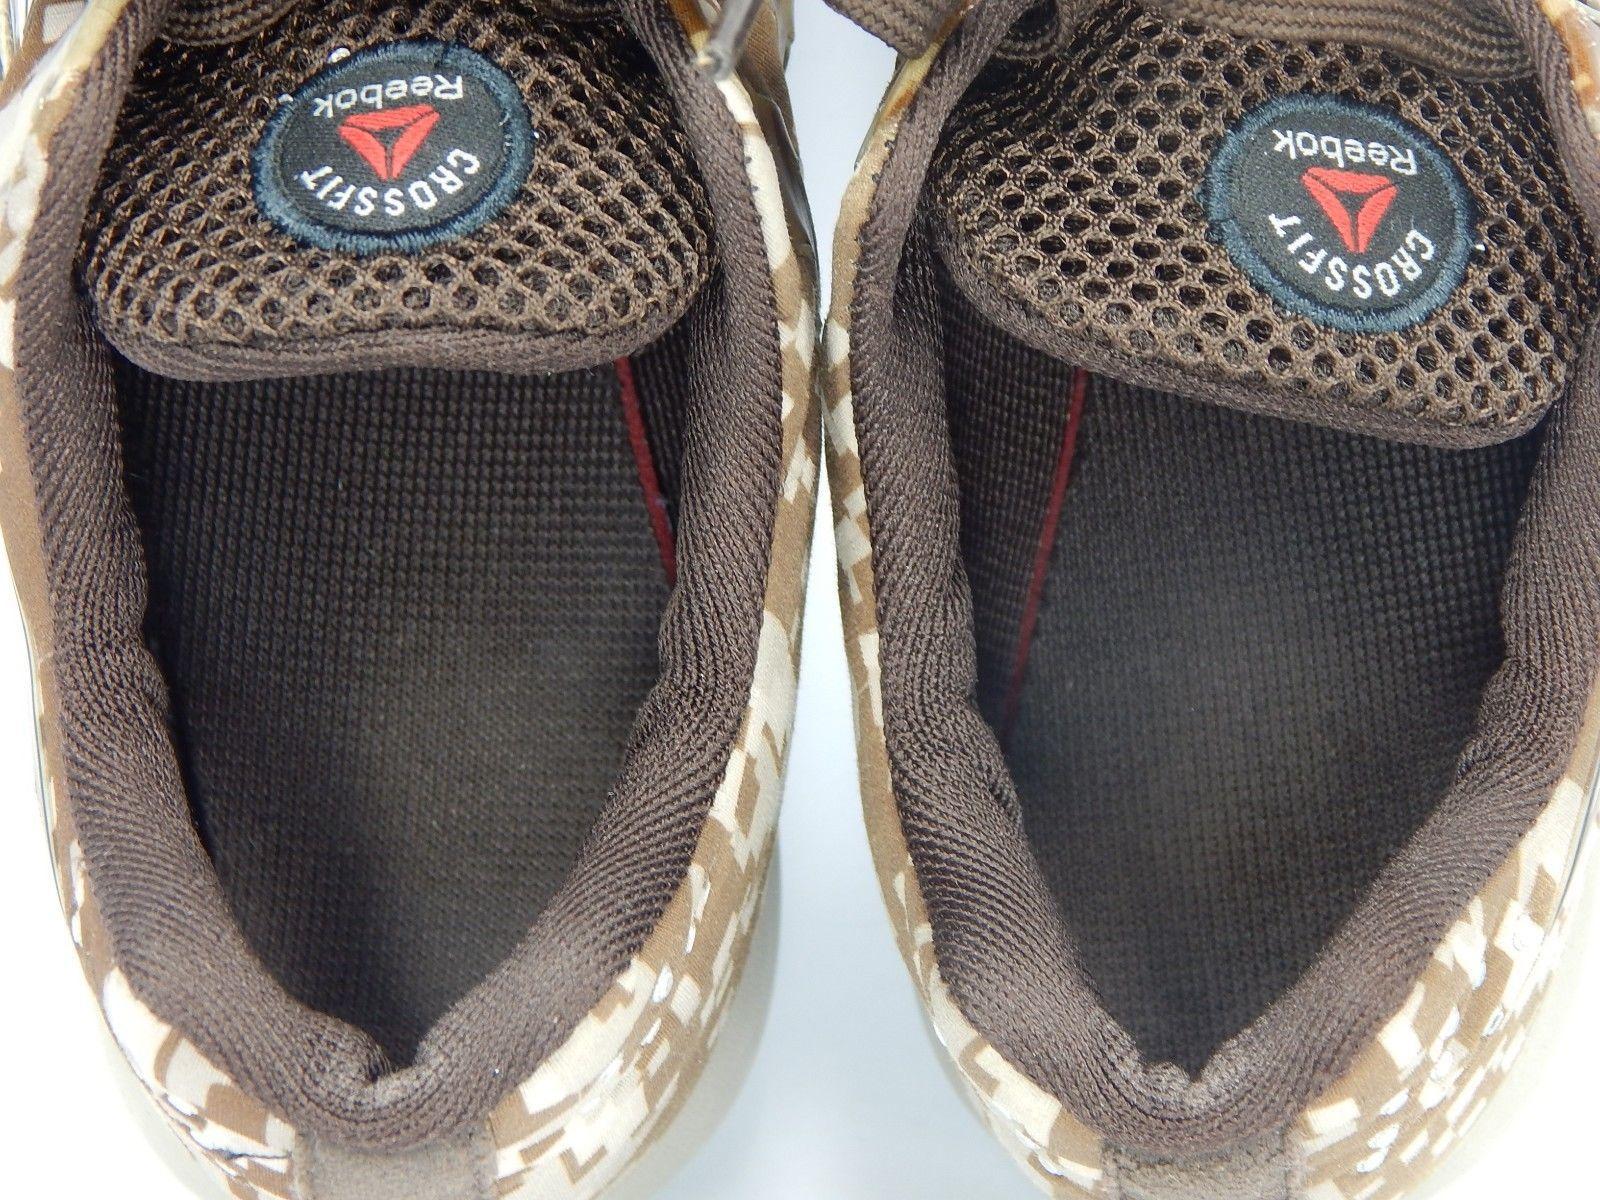 Reebok Crossfit Nano 2.0 Size US 7 M (B) EU 37.5 Women's Running Shoes Brown